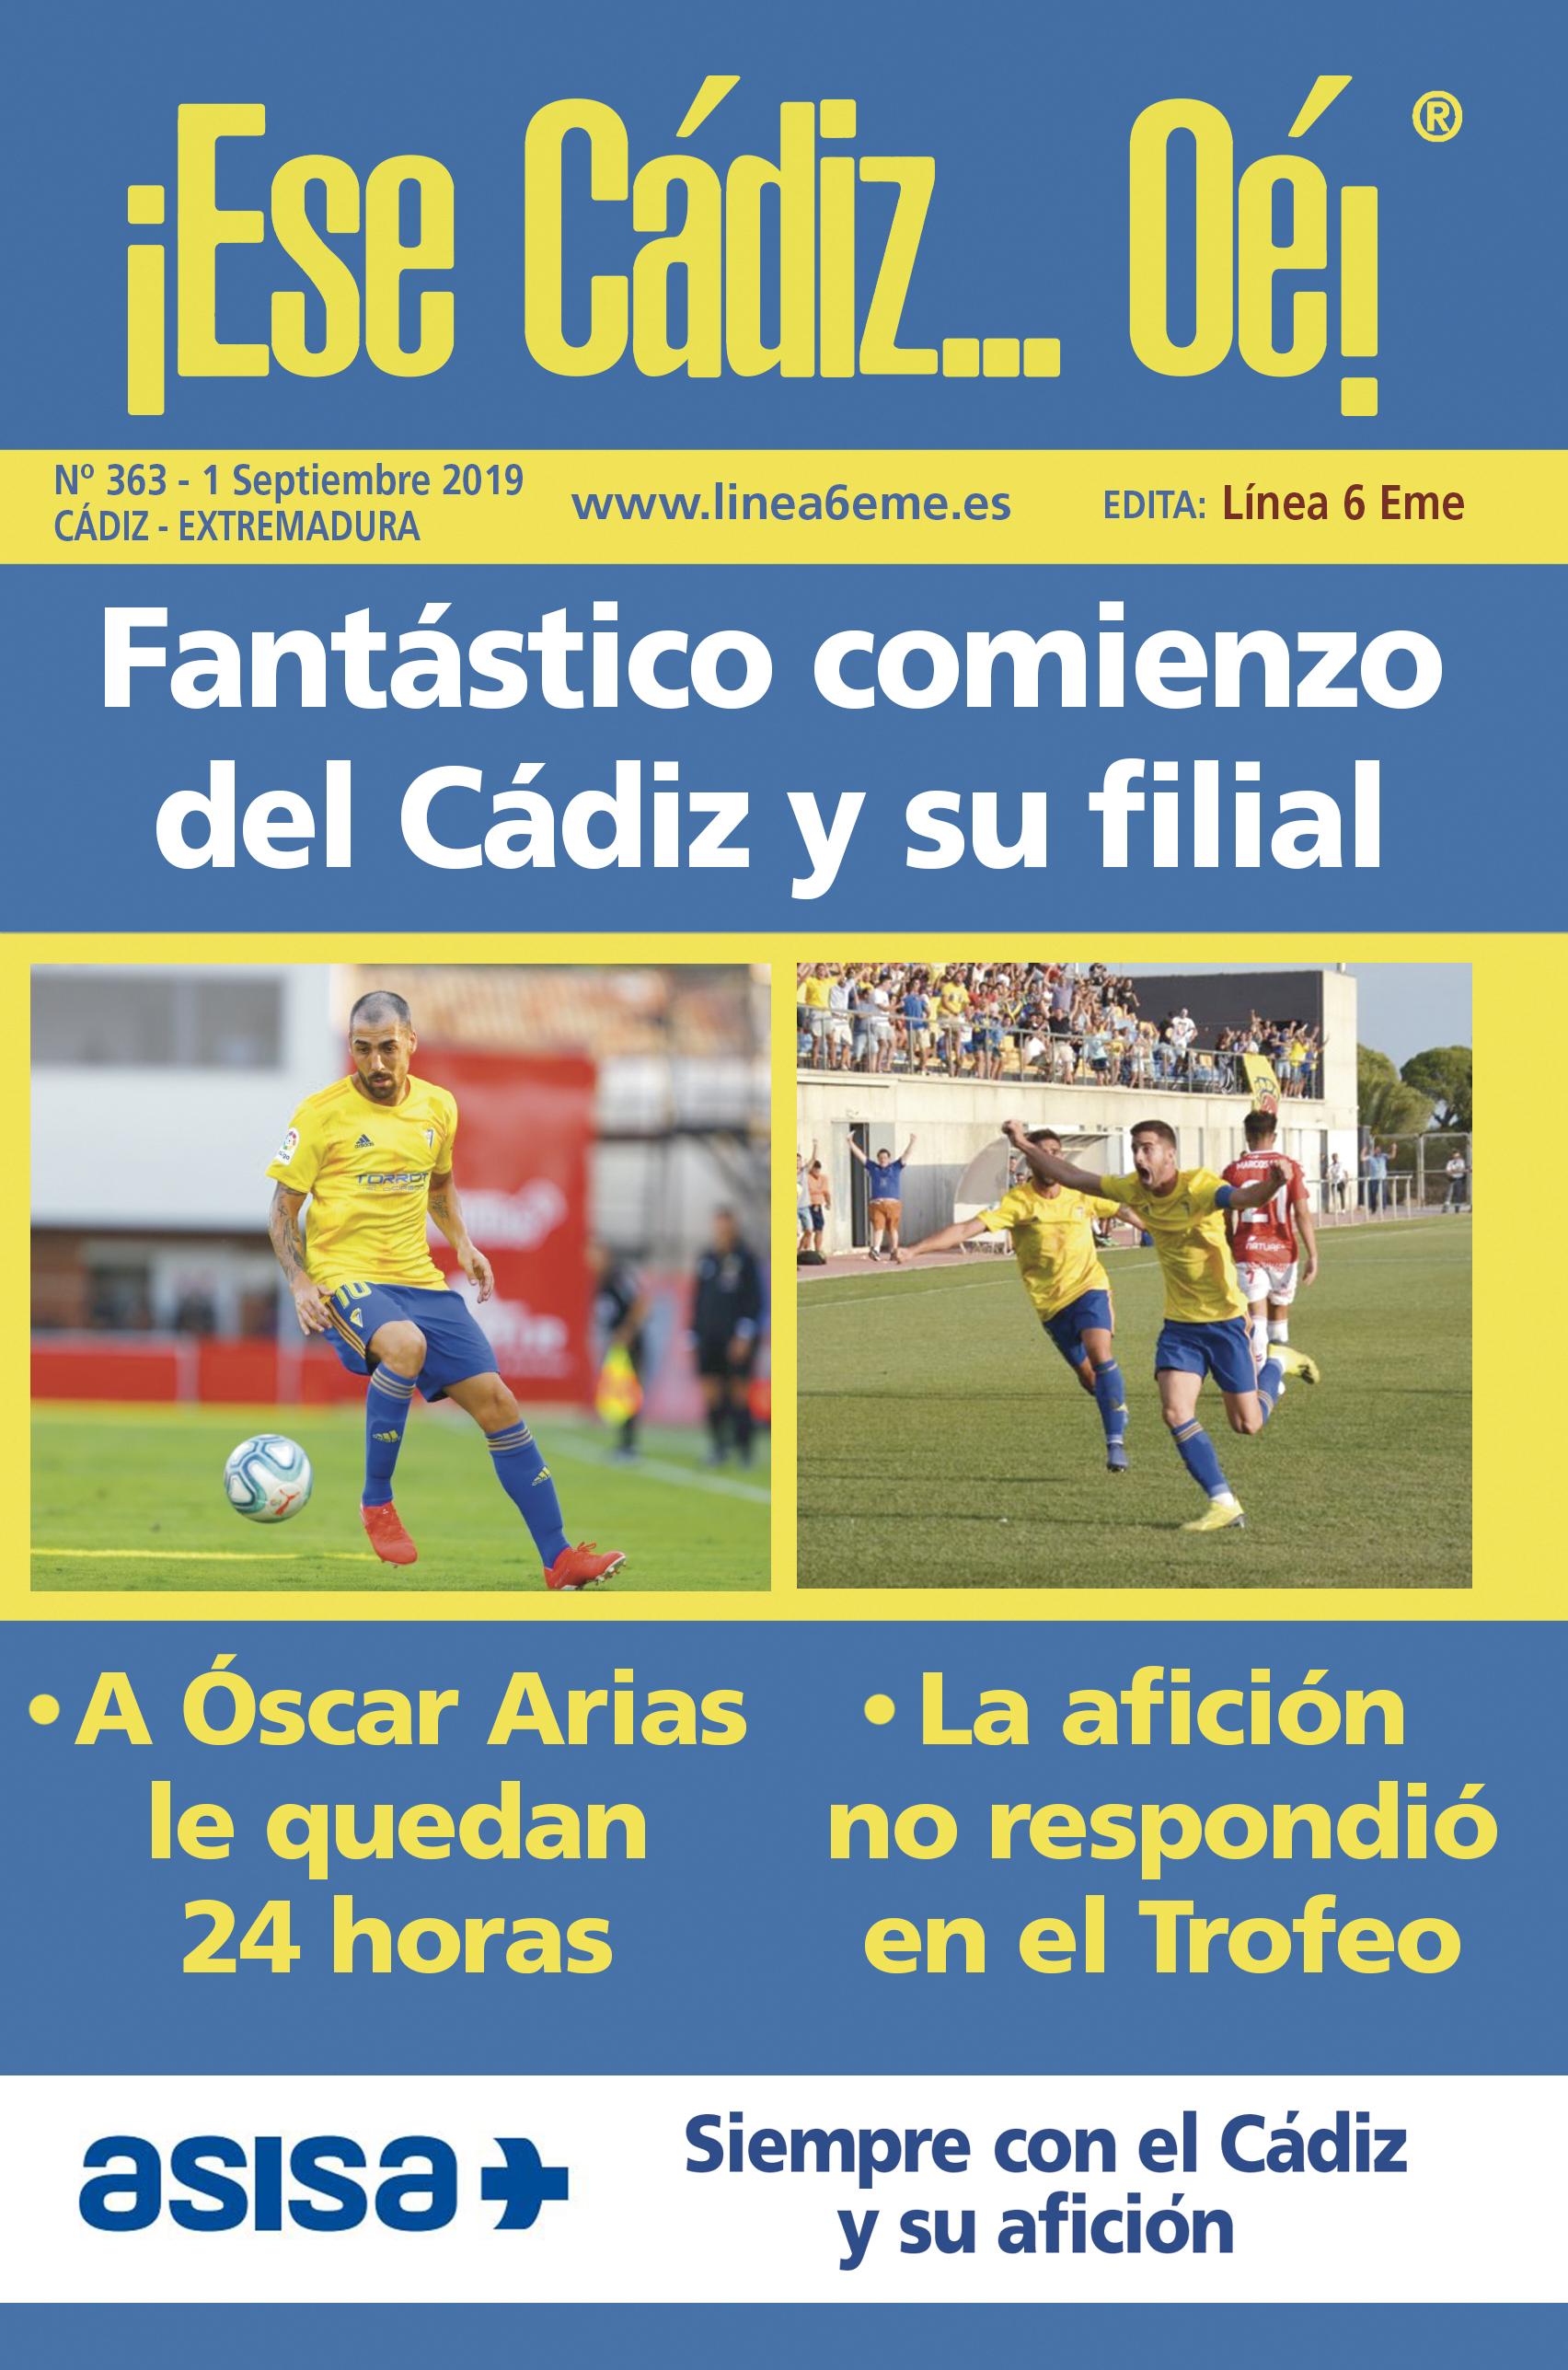 ¡Ese Cádiz…Oé! núm. 363 Temporada 2019/20